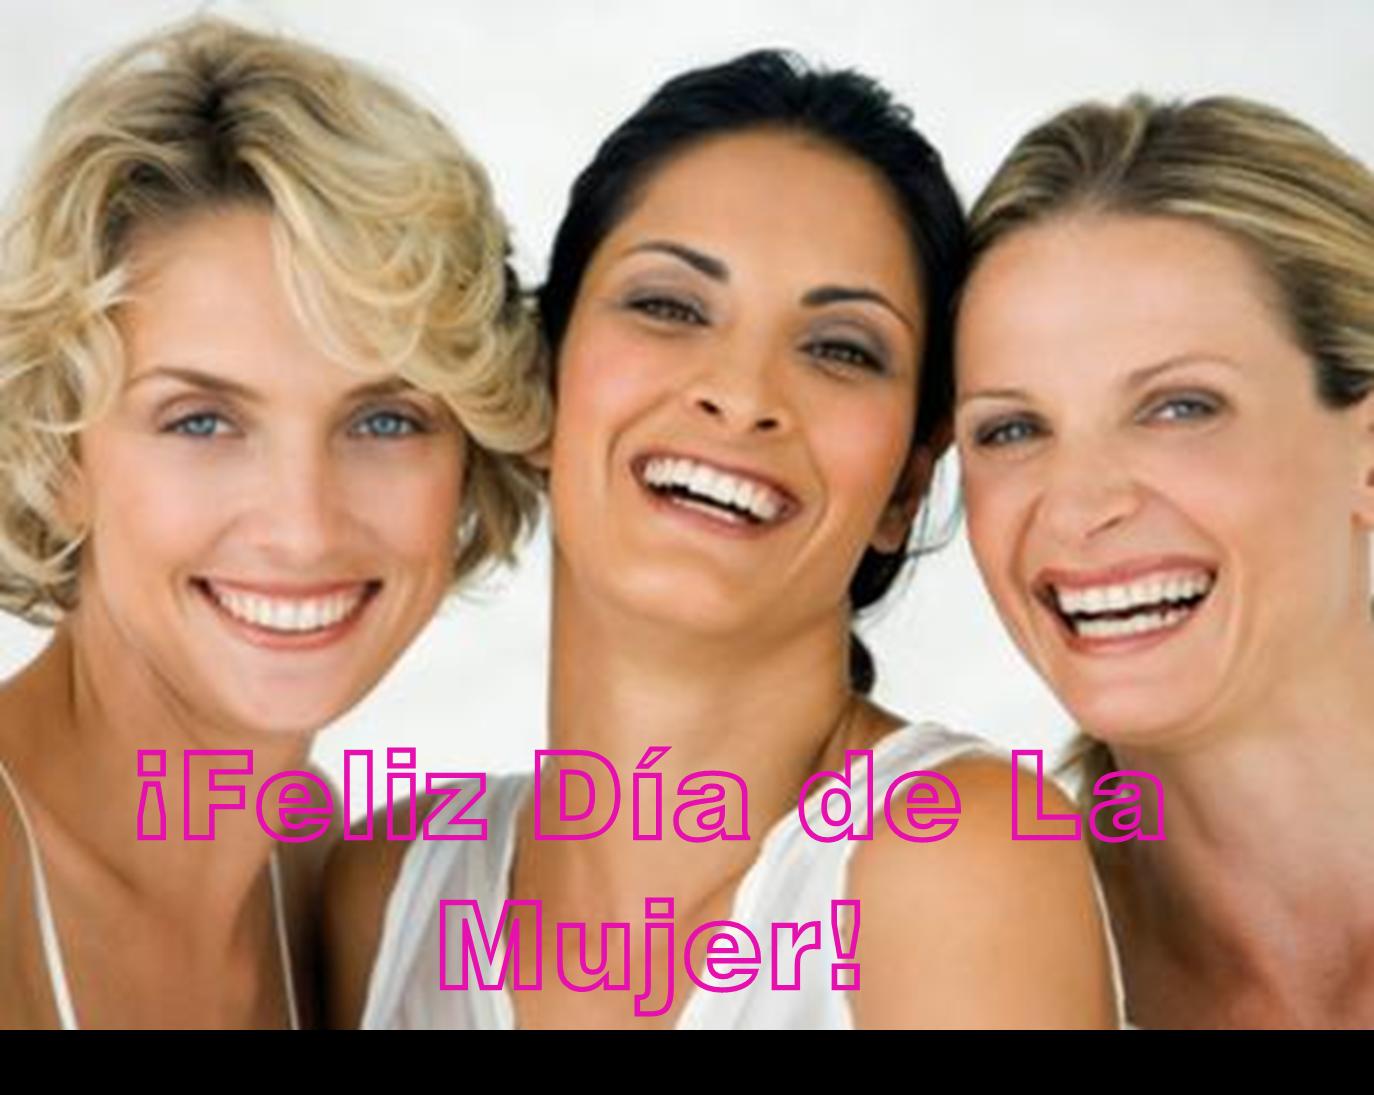 Frases De Feliz Día Internacional De La Mujer: FELIZ DÍA DE LA